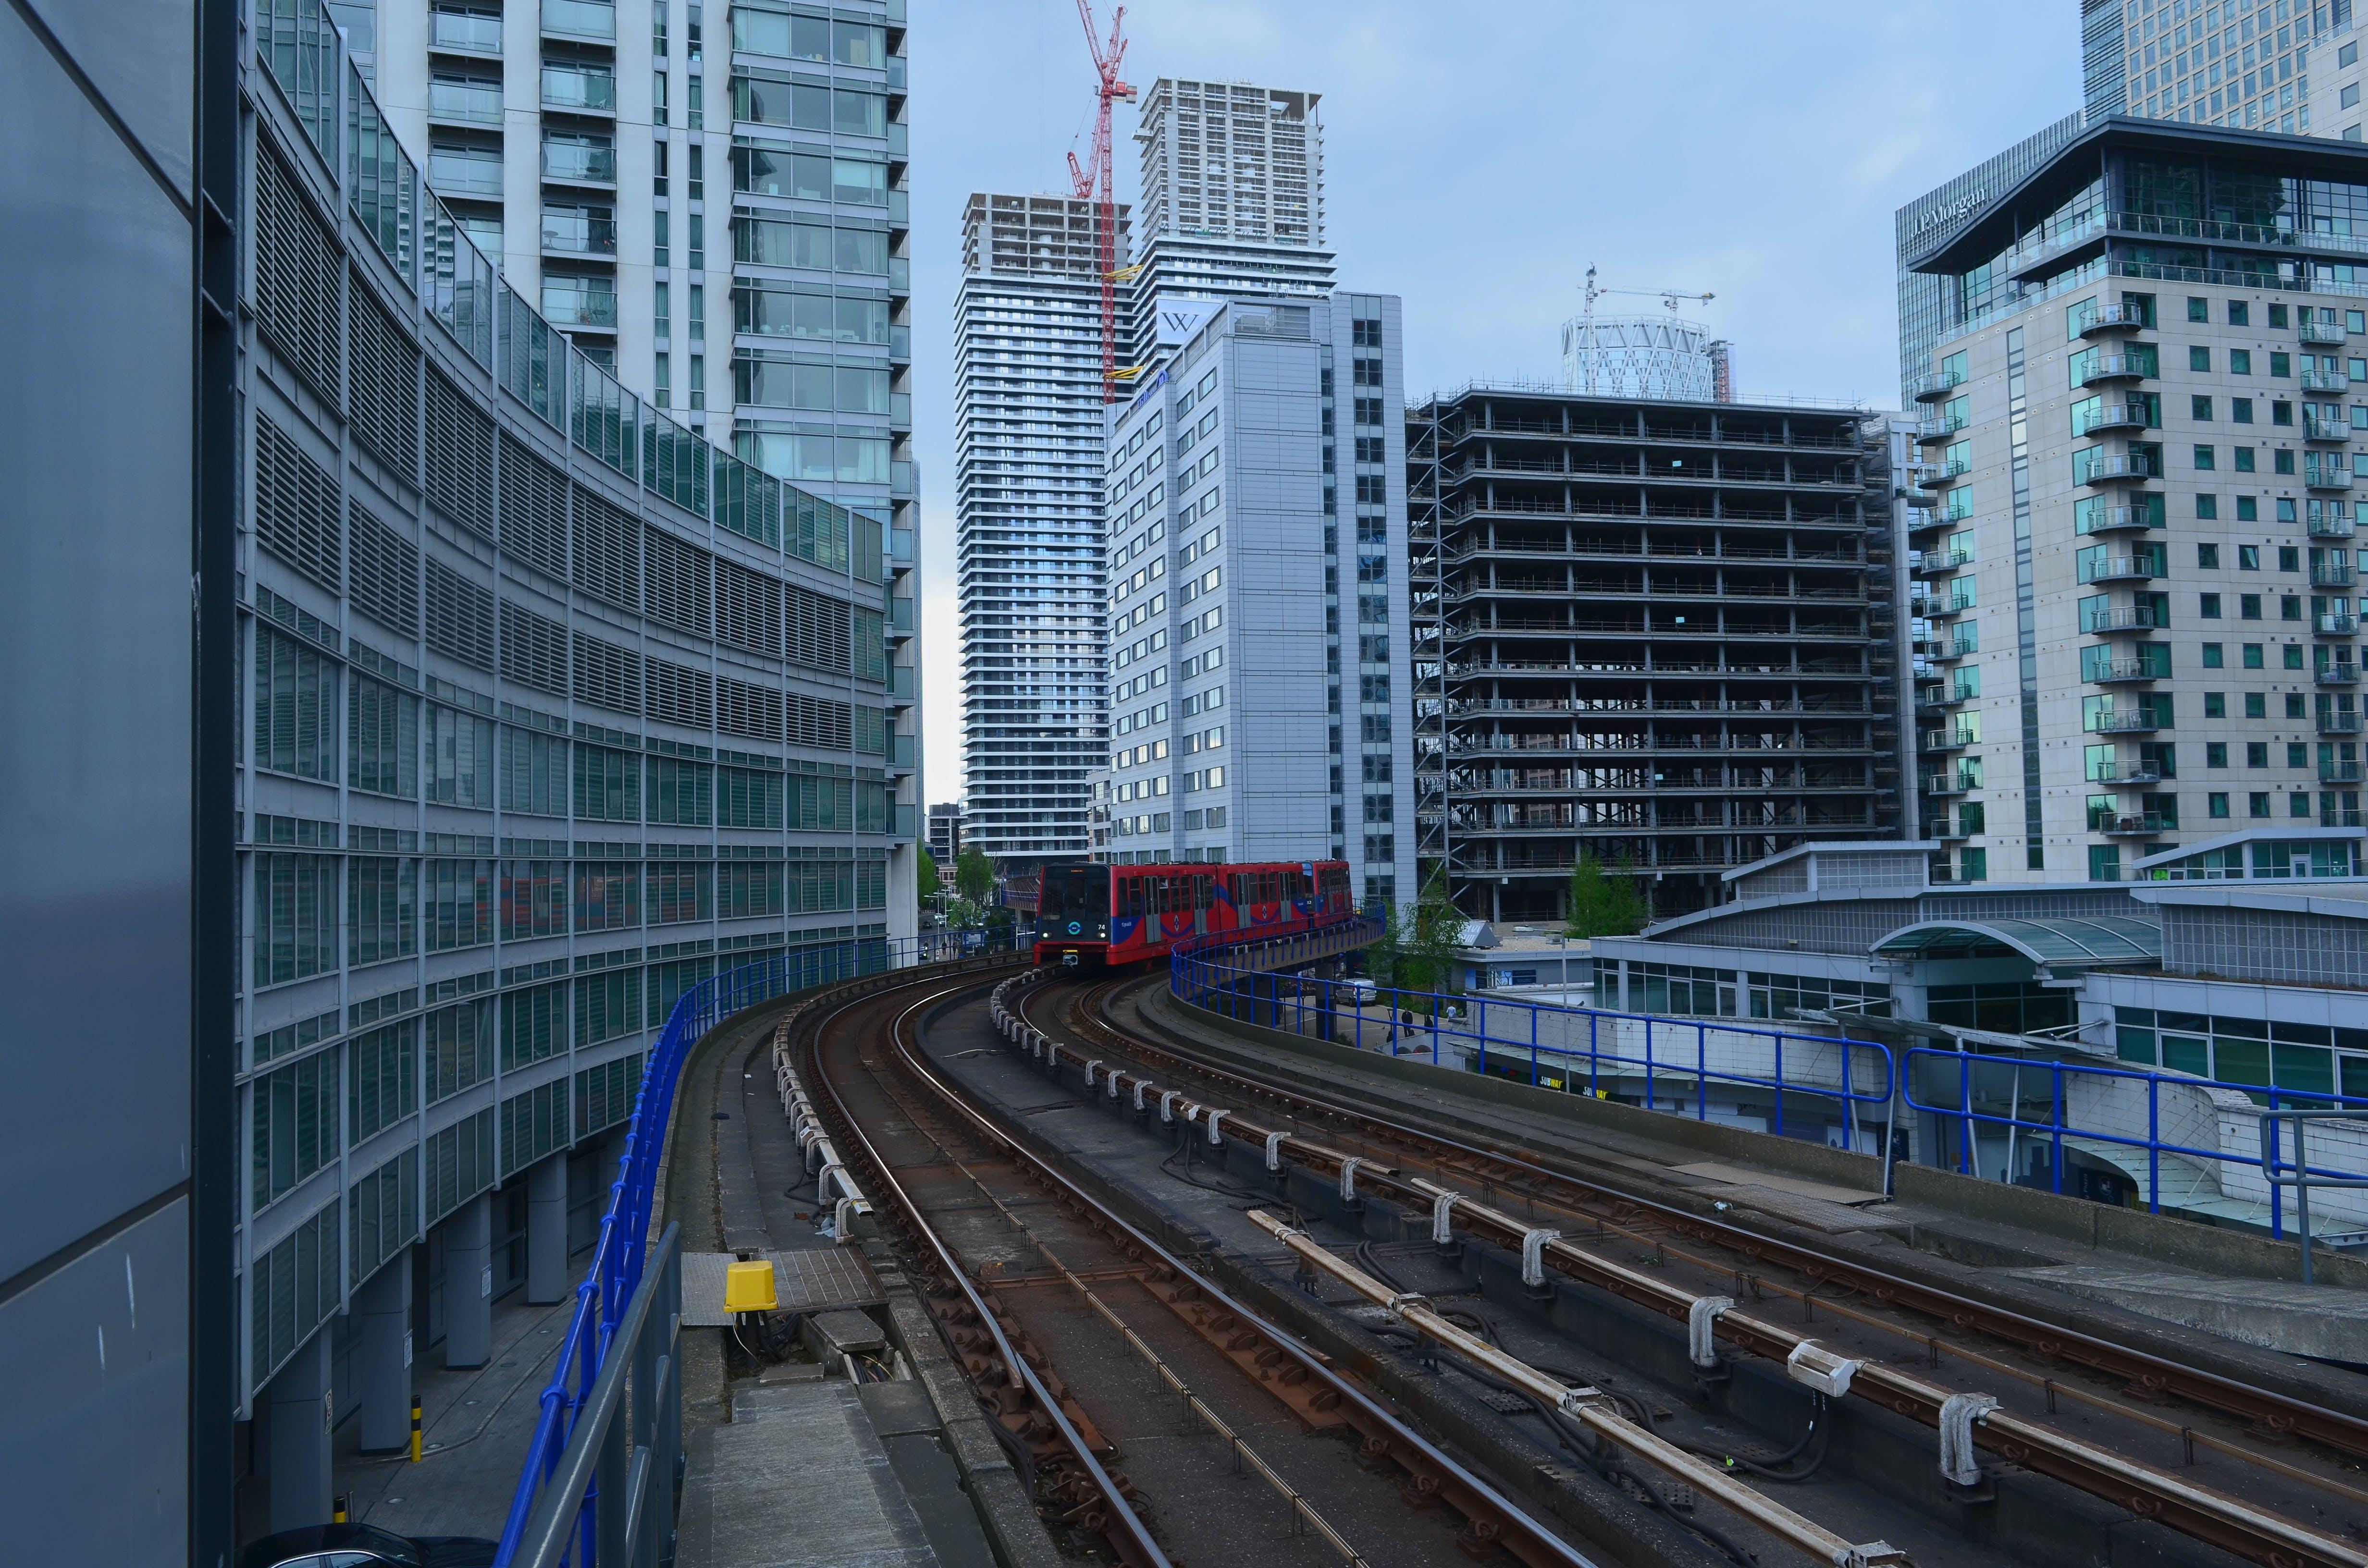 antrenman yaptırmak, binalar, demiryolları, demiryolu hatları içeren Ücretsiz stok fotoğraf